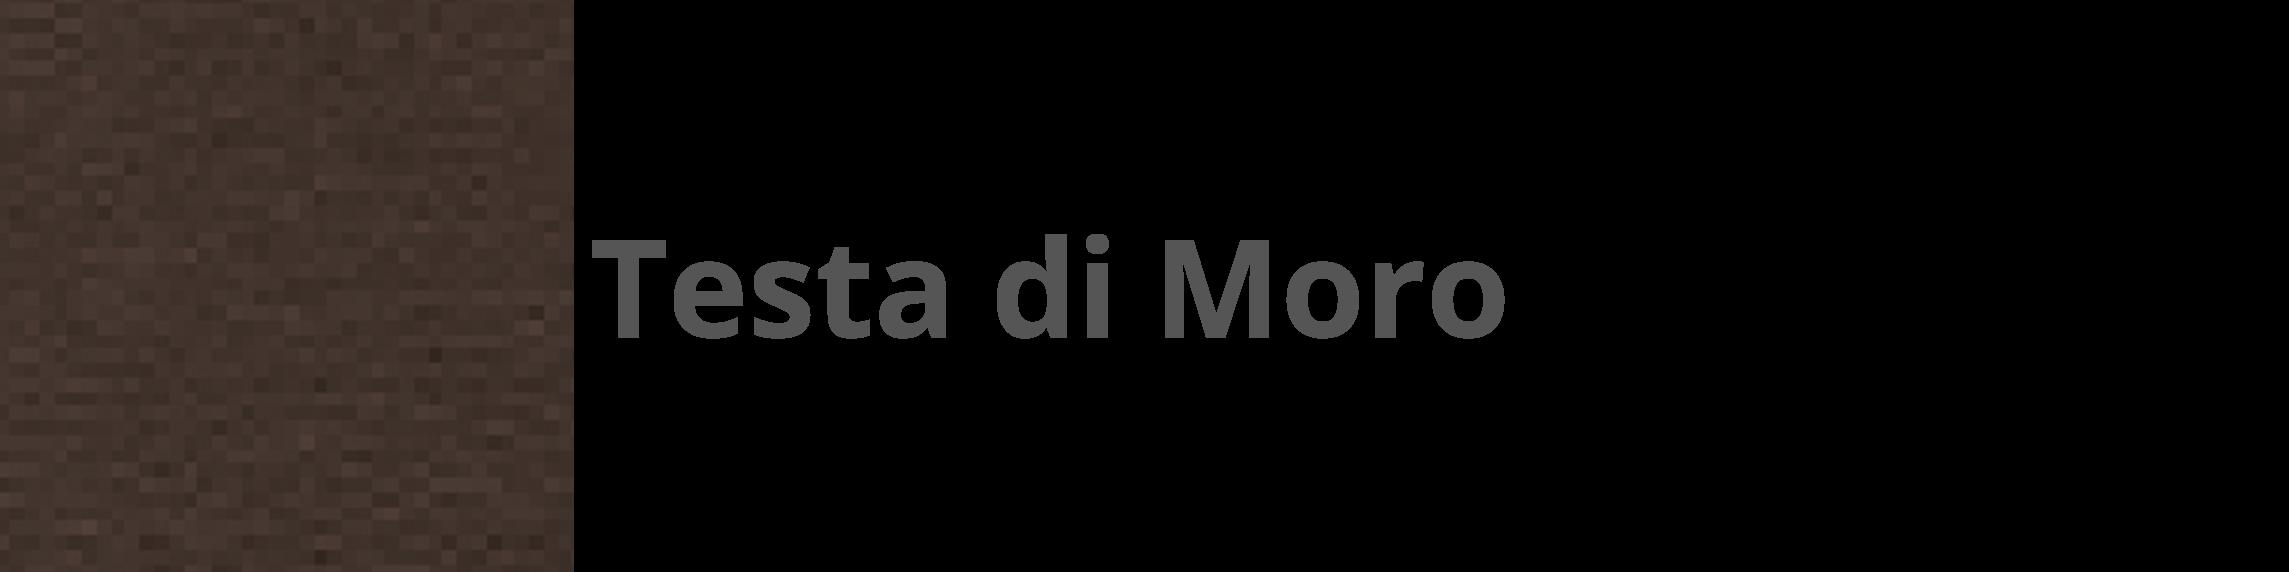 6270 Comfort Touch Testa di Moro